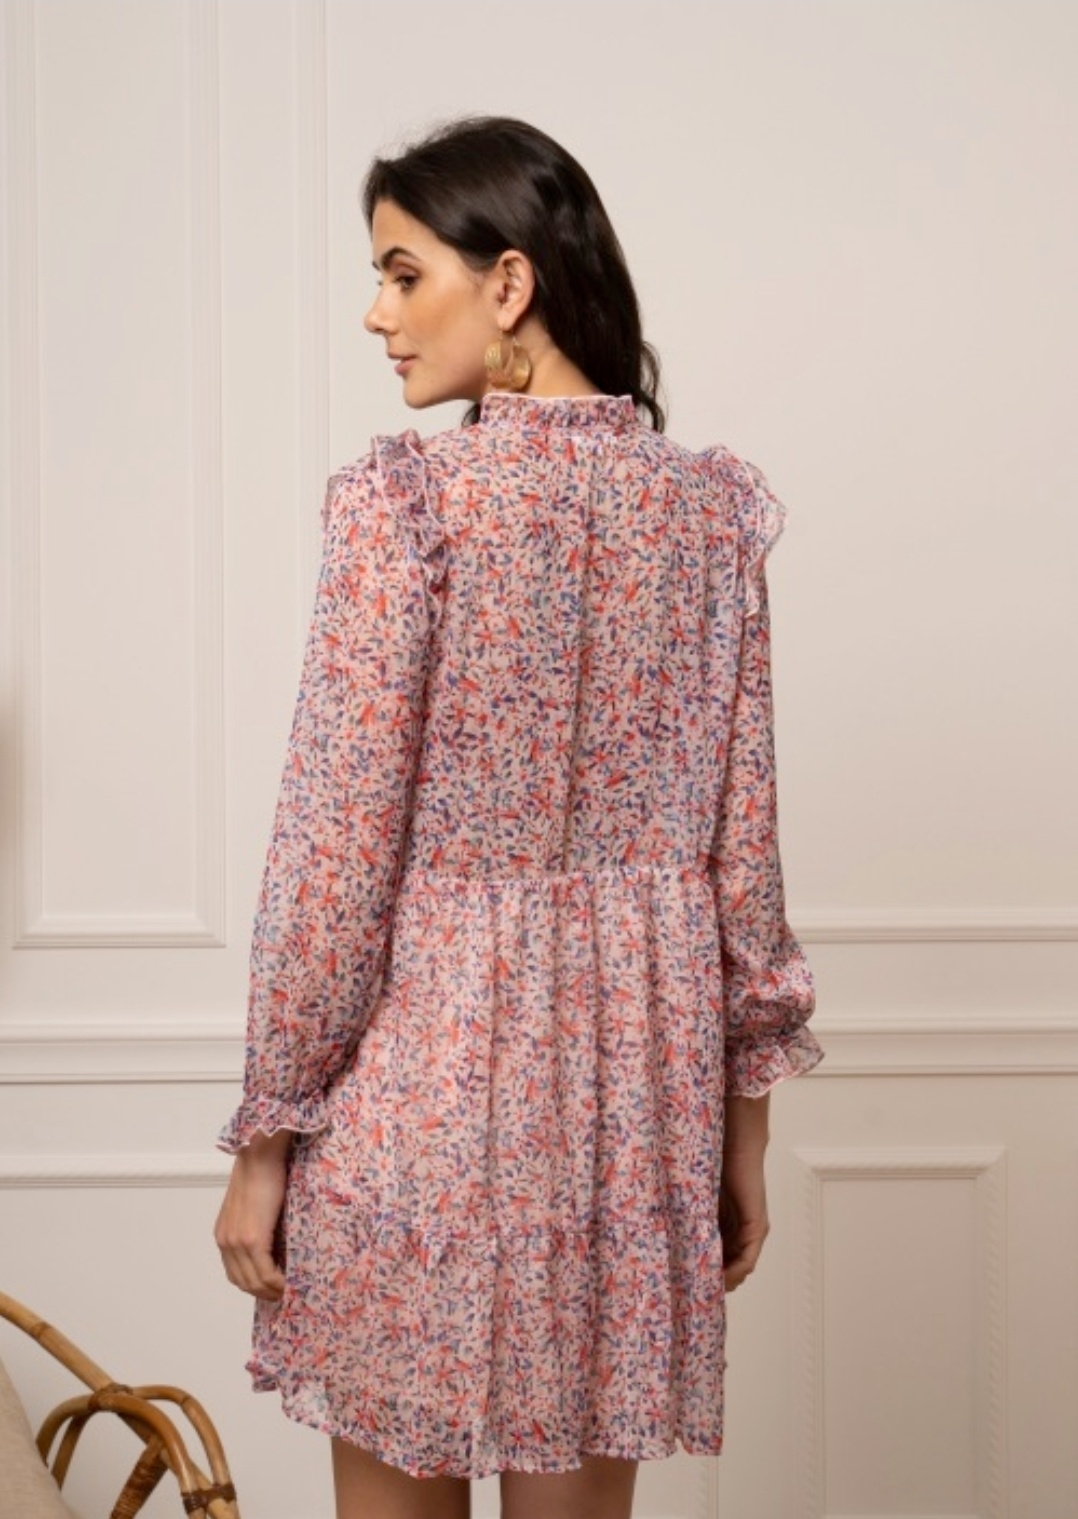 VILLA robe-4